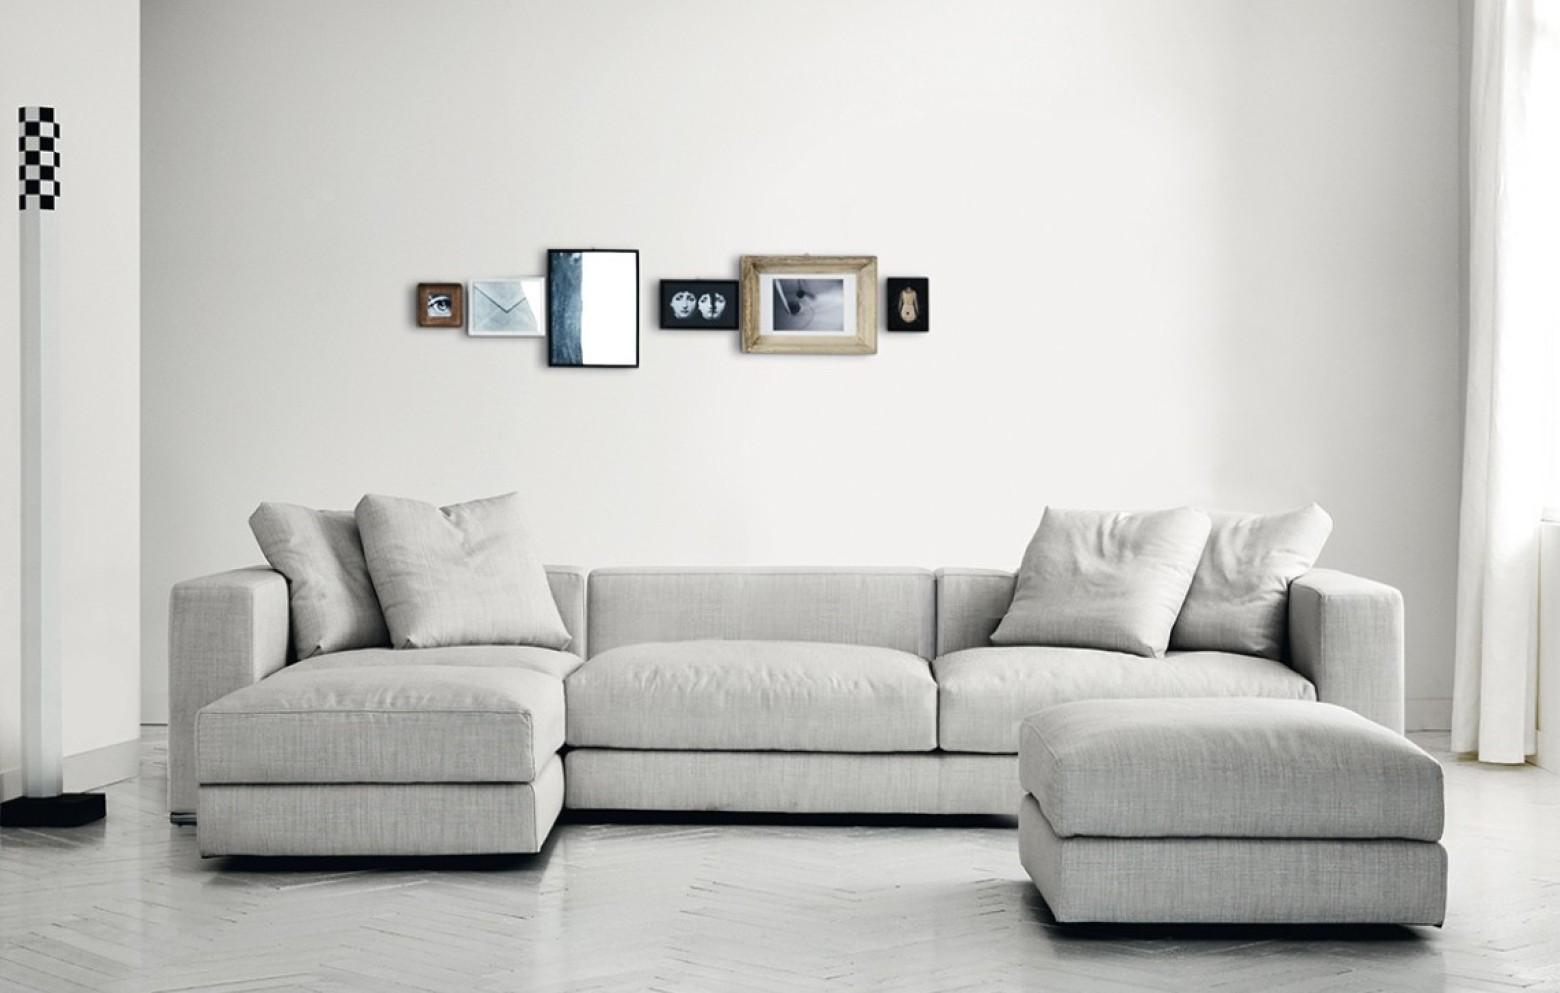 Niedlich Polstermöbel Cottbus Galerie - Schlafzimmer Ideen ...